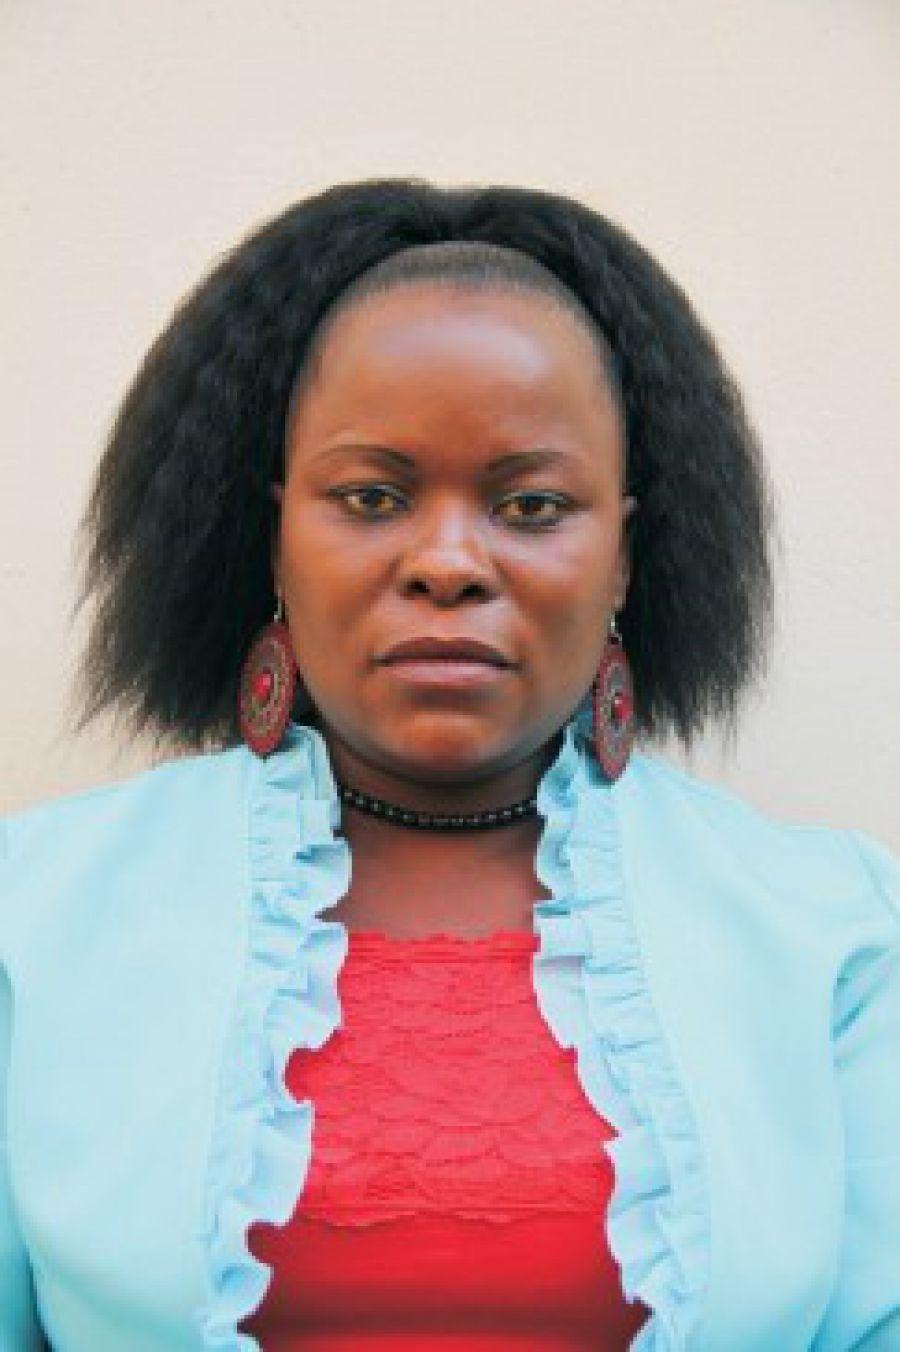 Nomathemba Ndlovu